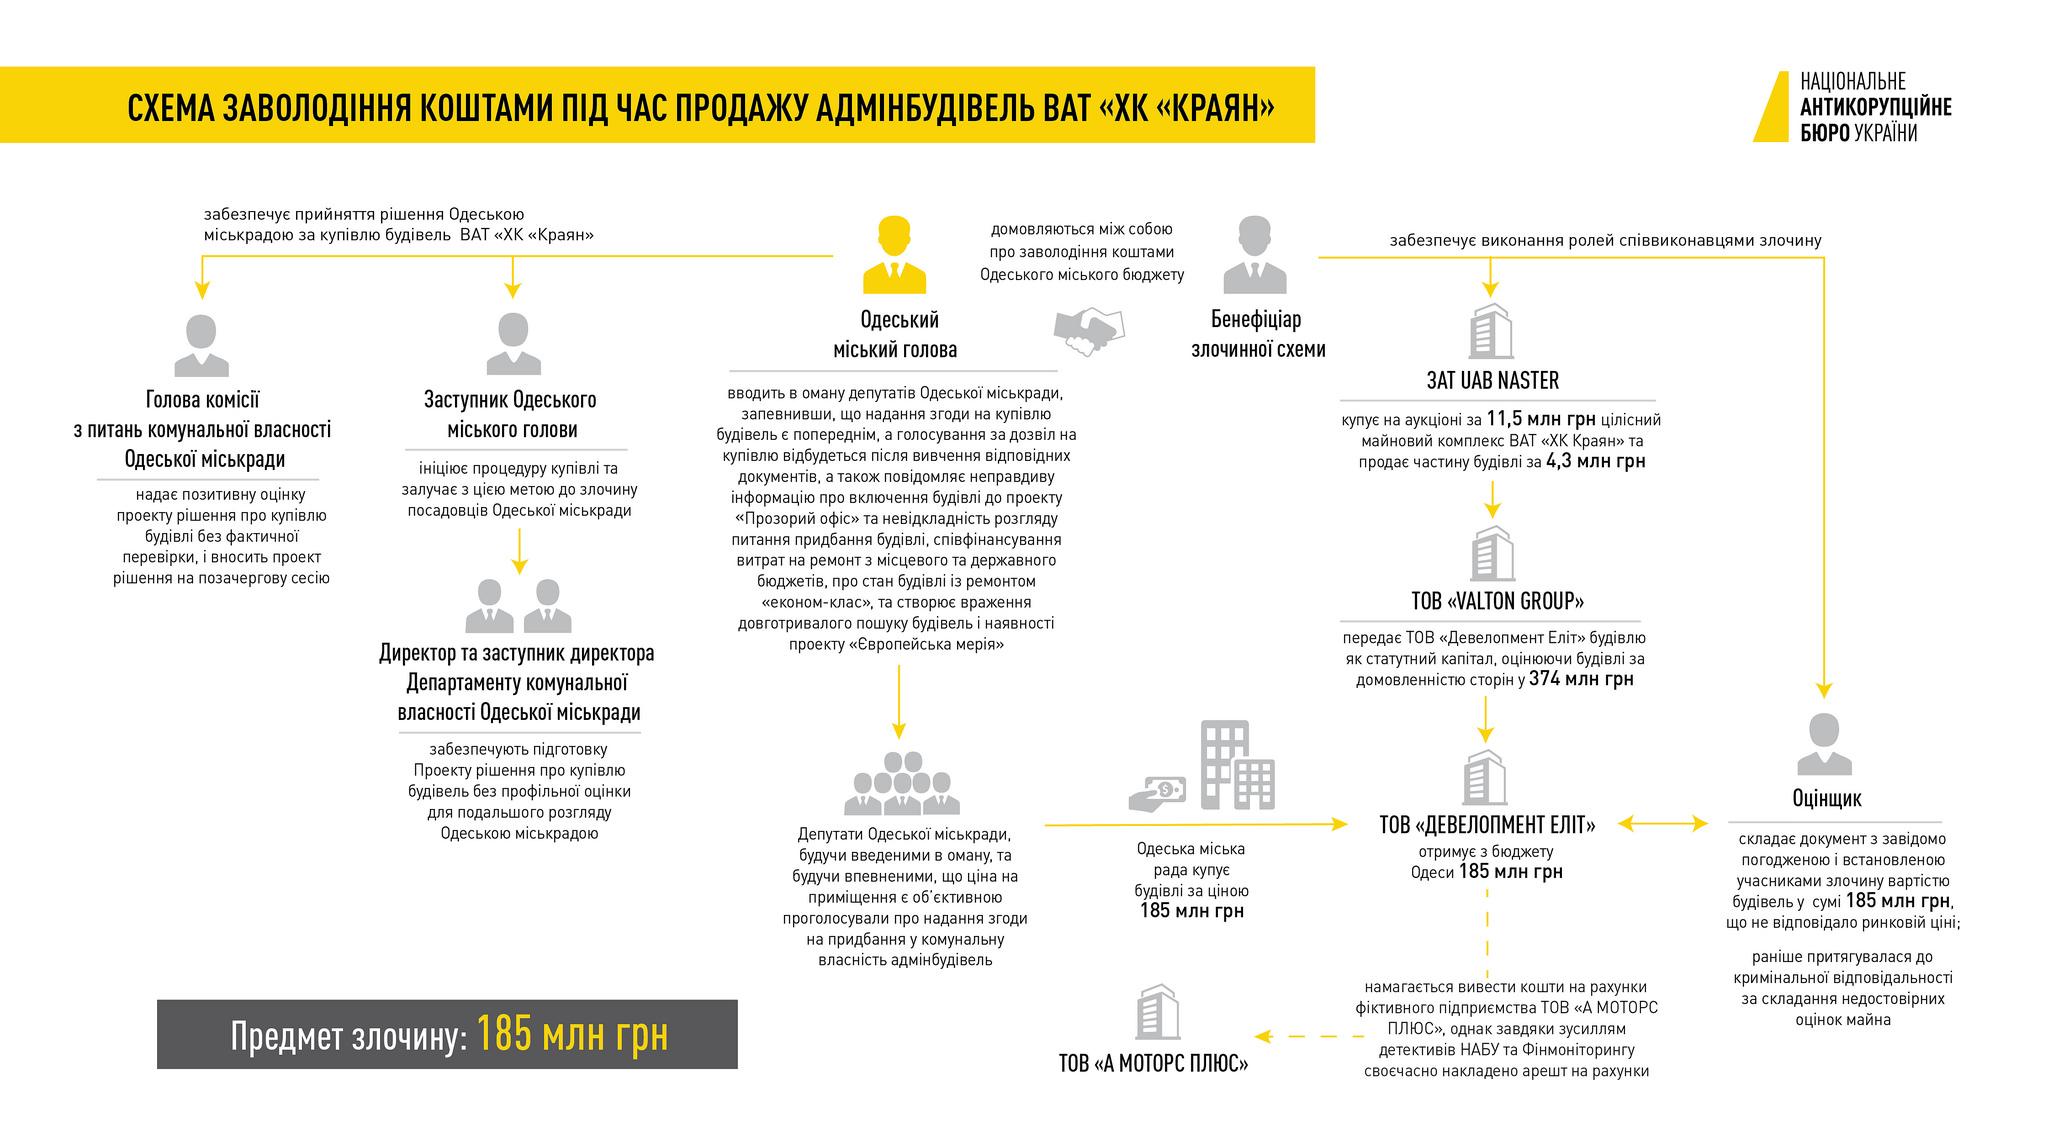 Дело Труханова: НАБУ показало схему расхищения средств в Одессе